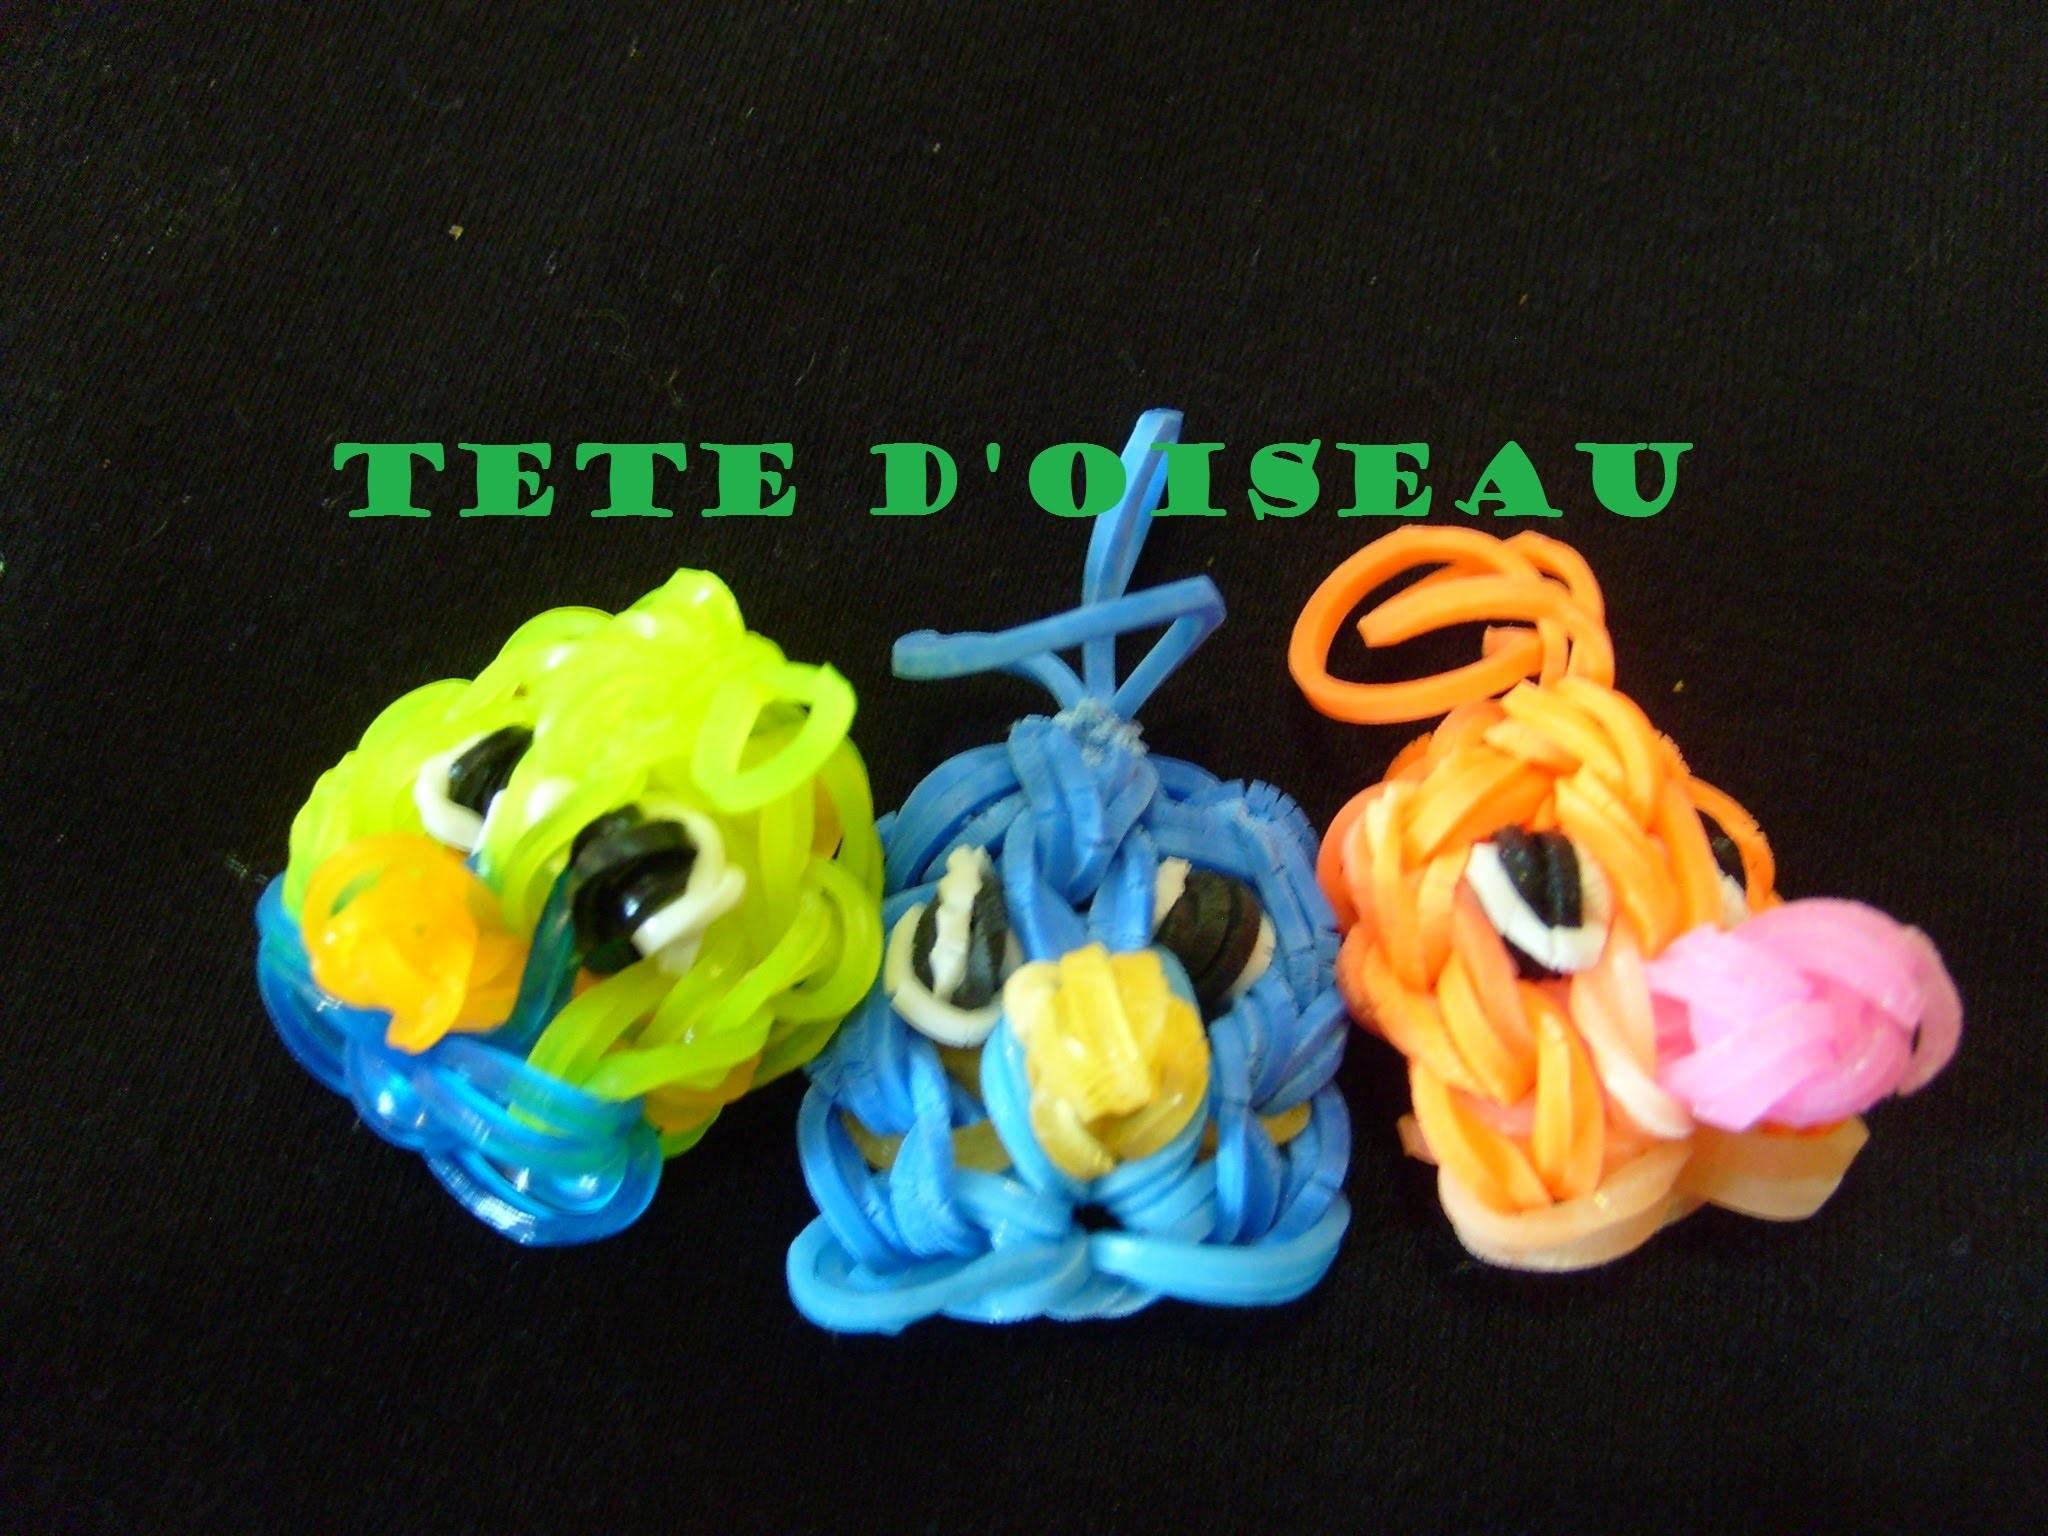 Rainbow loom bands Tete d'oiseau en élastique, tuto francais, bracelet elastique